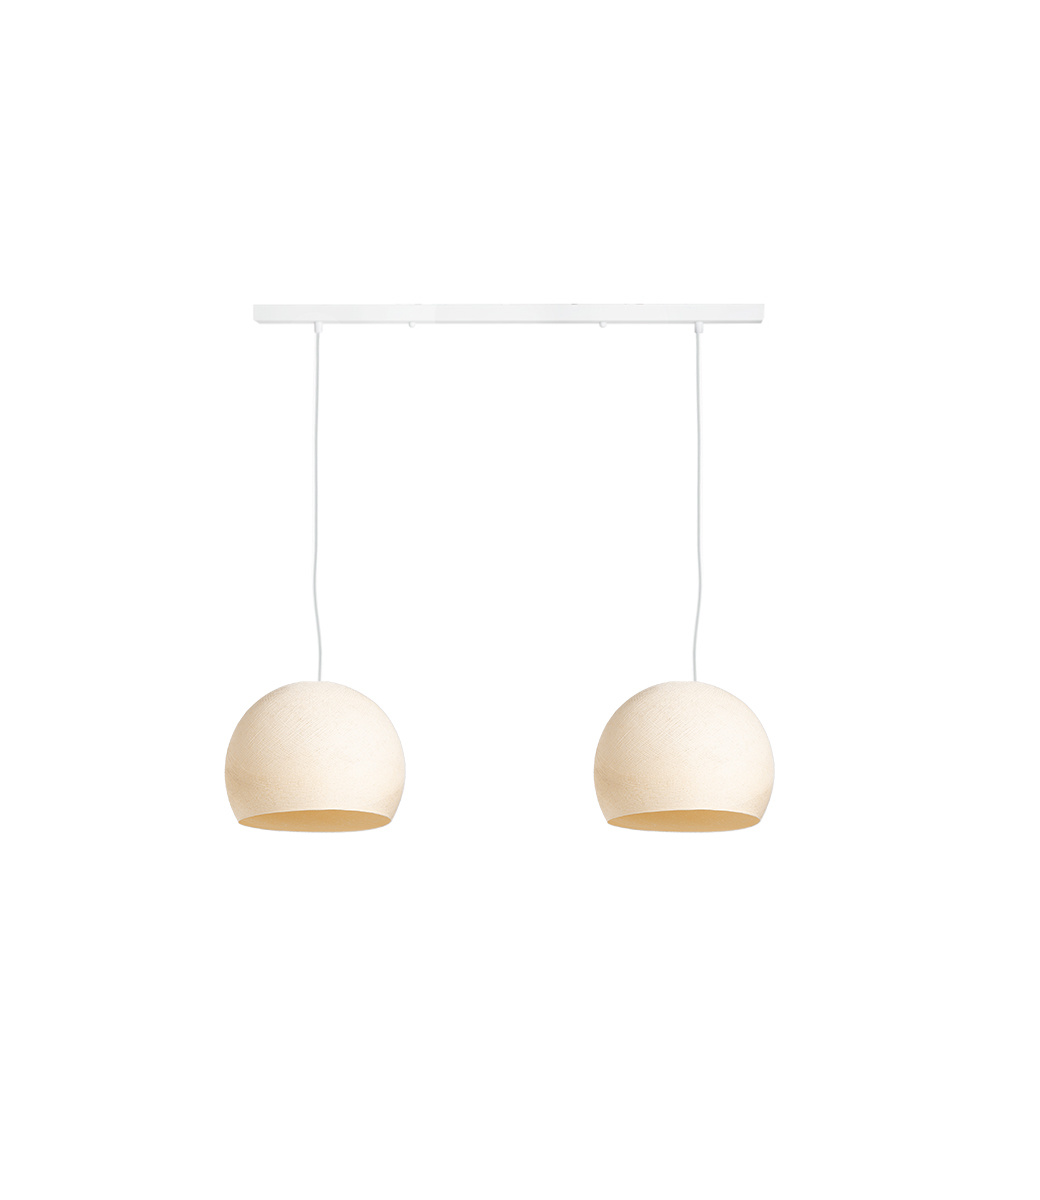 Cotton Ball Lights Tweevoudige hanglamp balk - Driekwart Shell